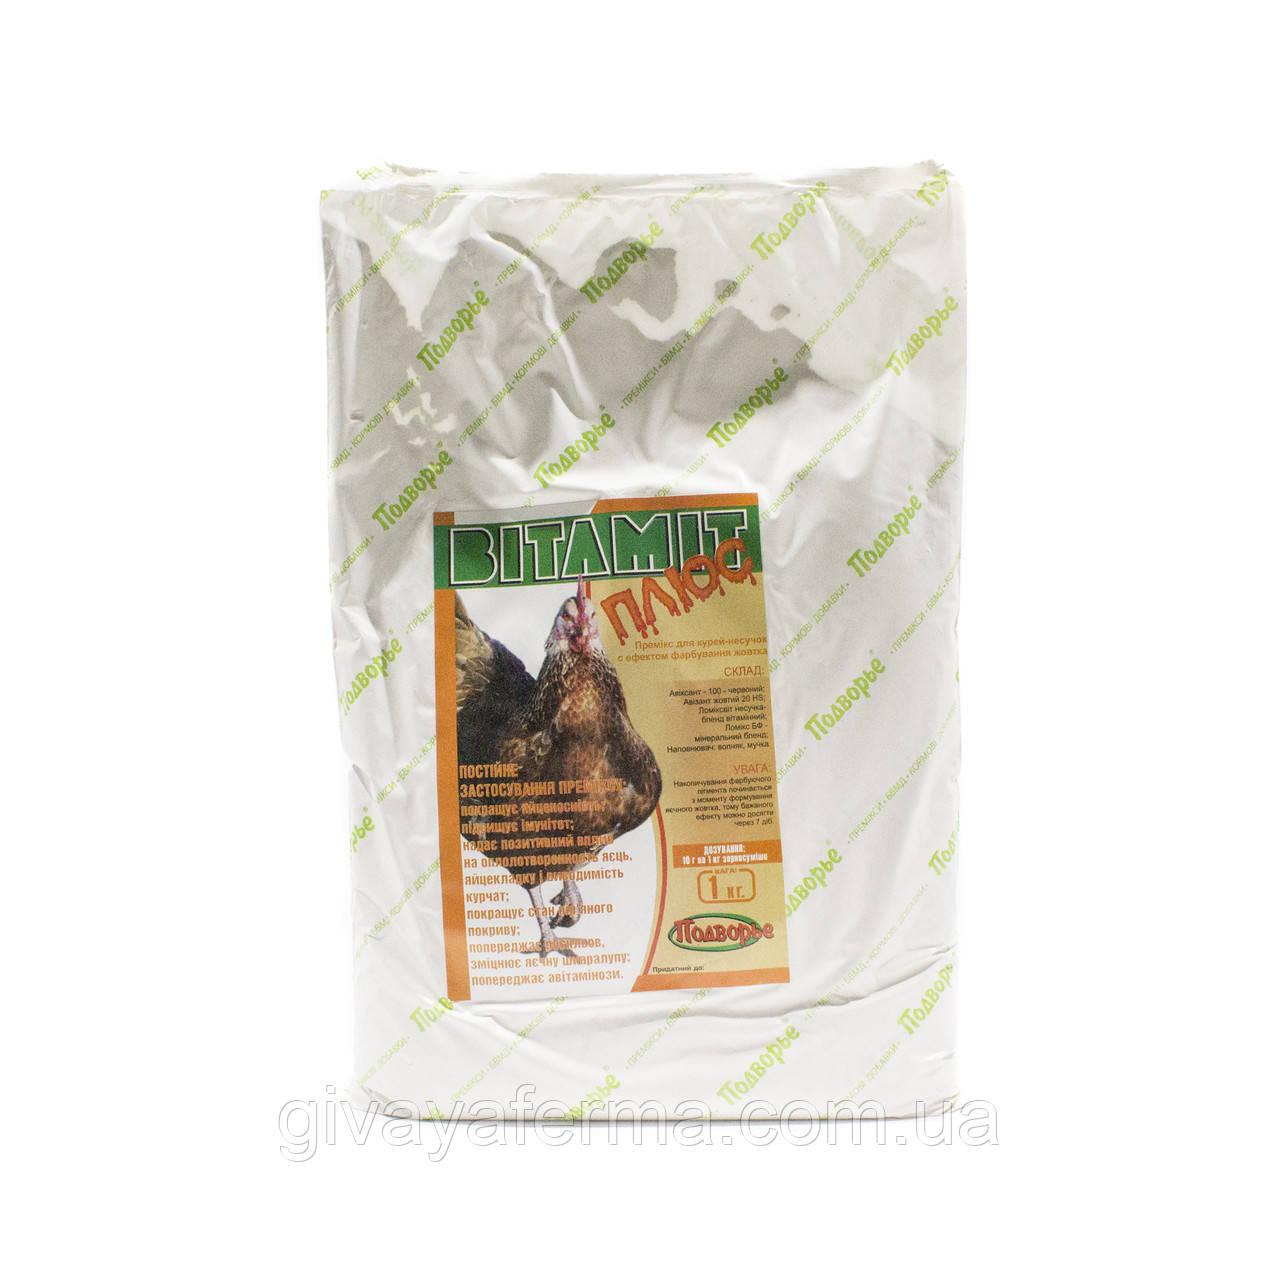 Витамит - несушка ПЛЮС (карофилы) 1%, 1 кг, ОКРАШИВАНИЕ ЖЕЛТКА, витаминный премикс